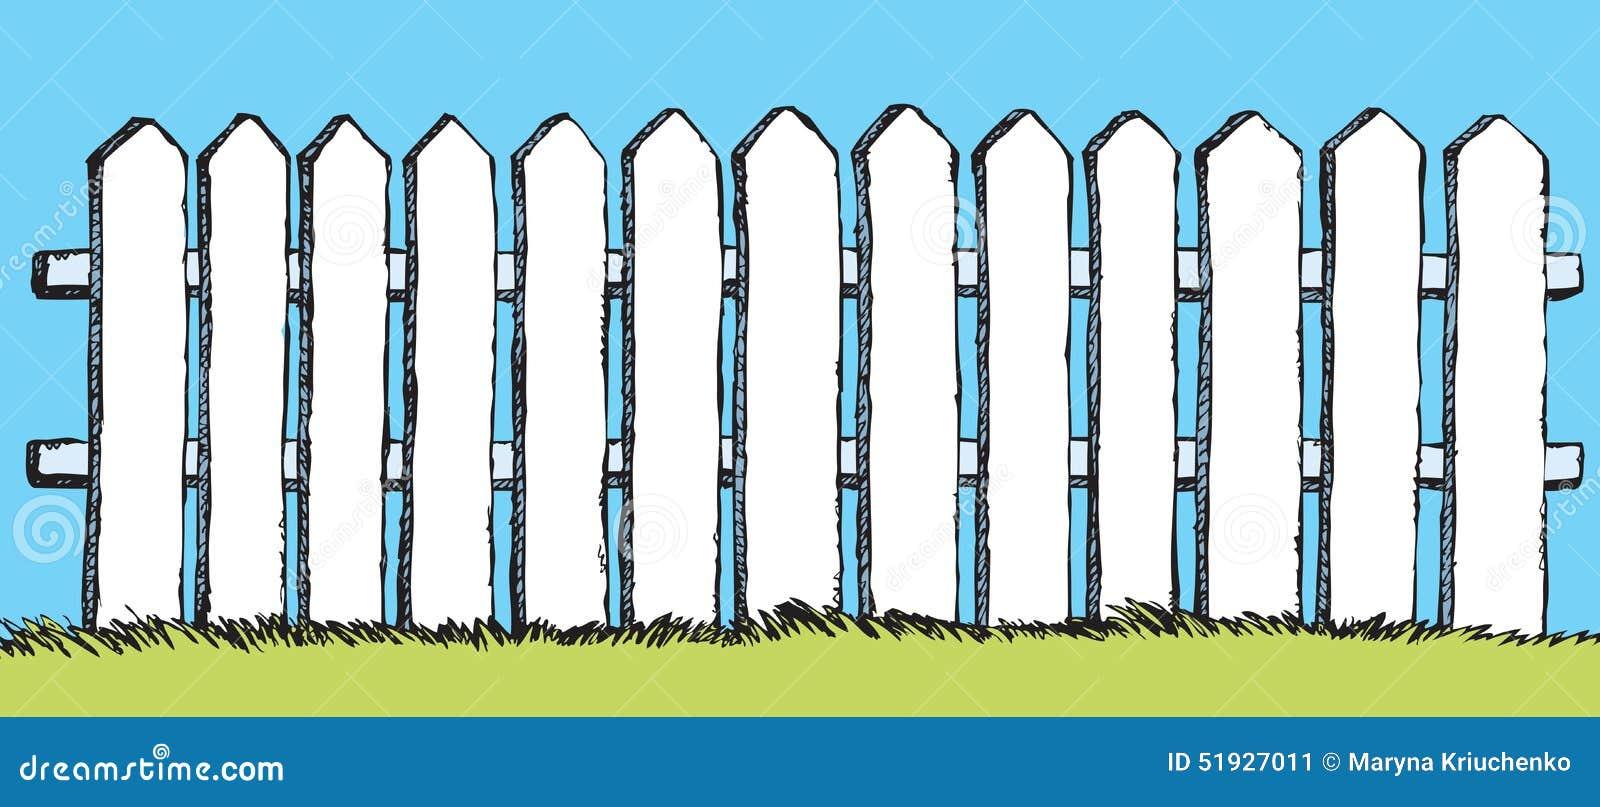 cerca para jardim branca : cerca para jardim branca:Desenho Do Vetor Cerca Branca Com Placas Ilustração do Vetor